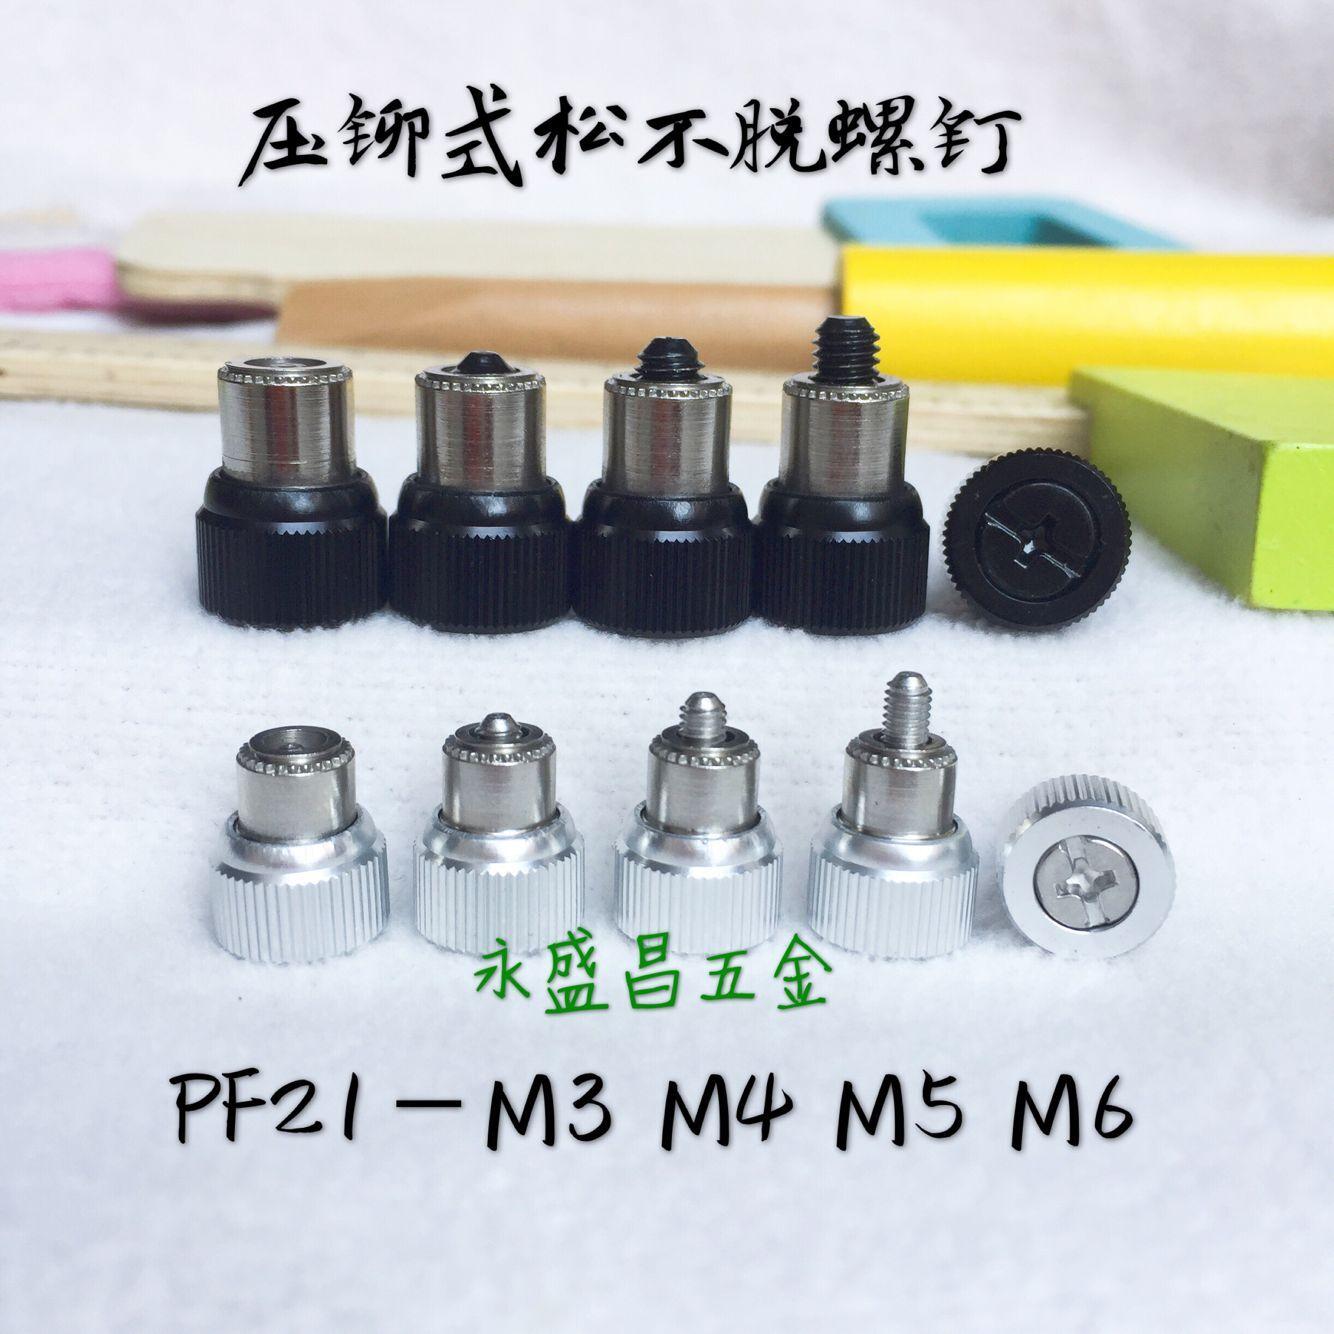 松不脱螺 弹簧压铆螺丝 PF21 面板紧固件 PEM系列 机箱机柜组合螺丝